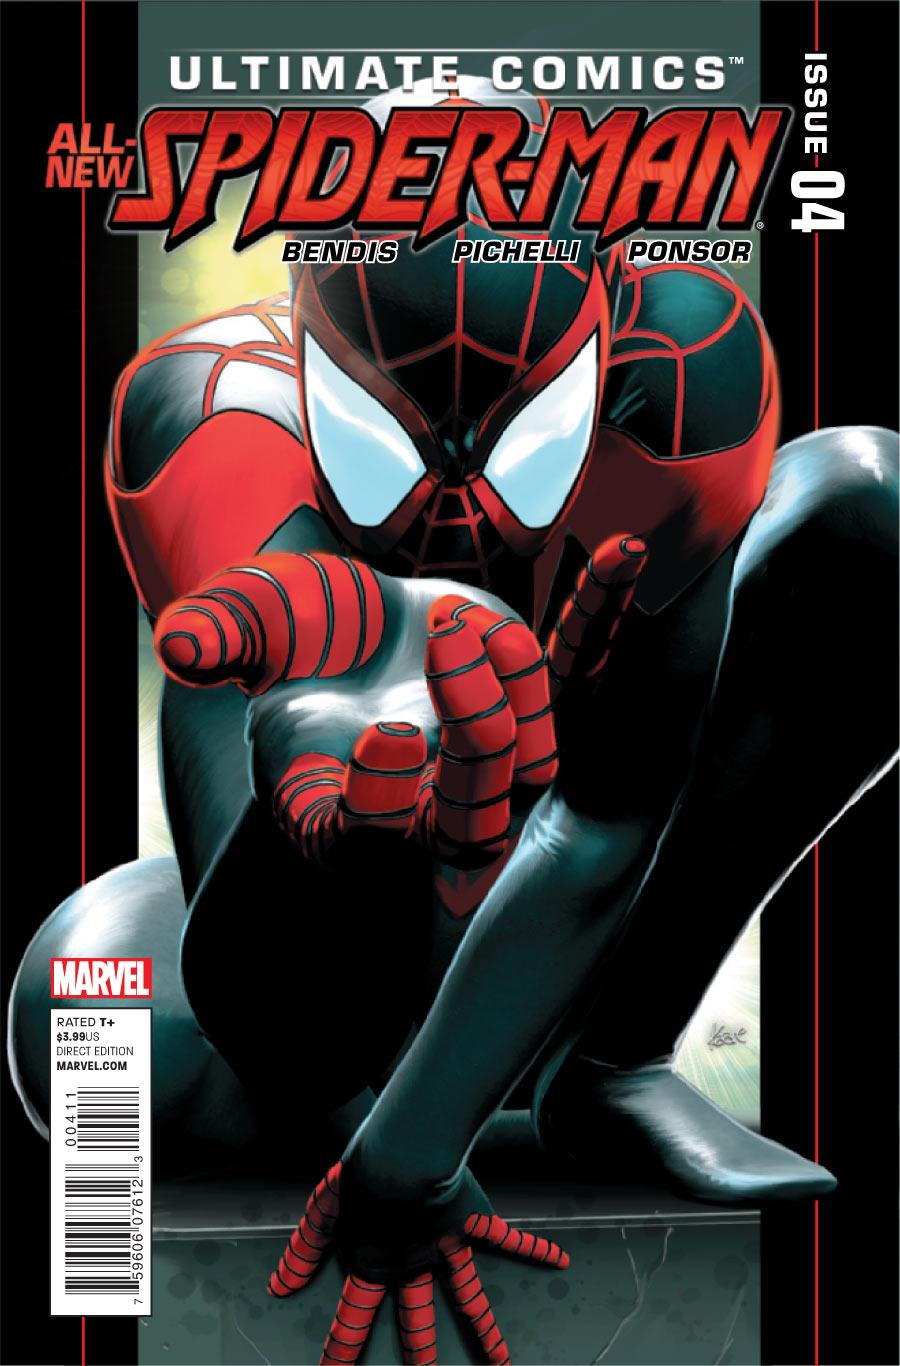 Ultimate Comics Spider-Man Vol 1 4